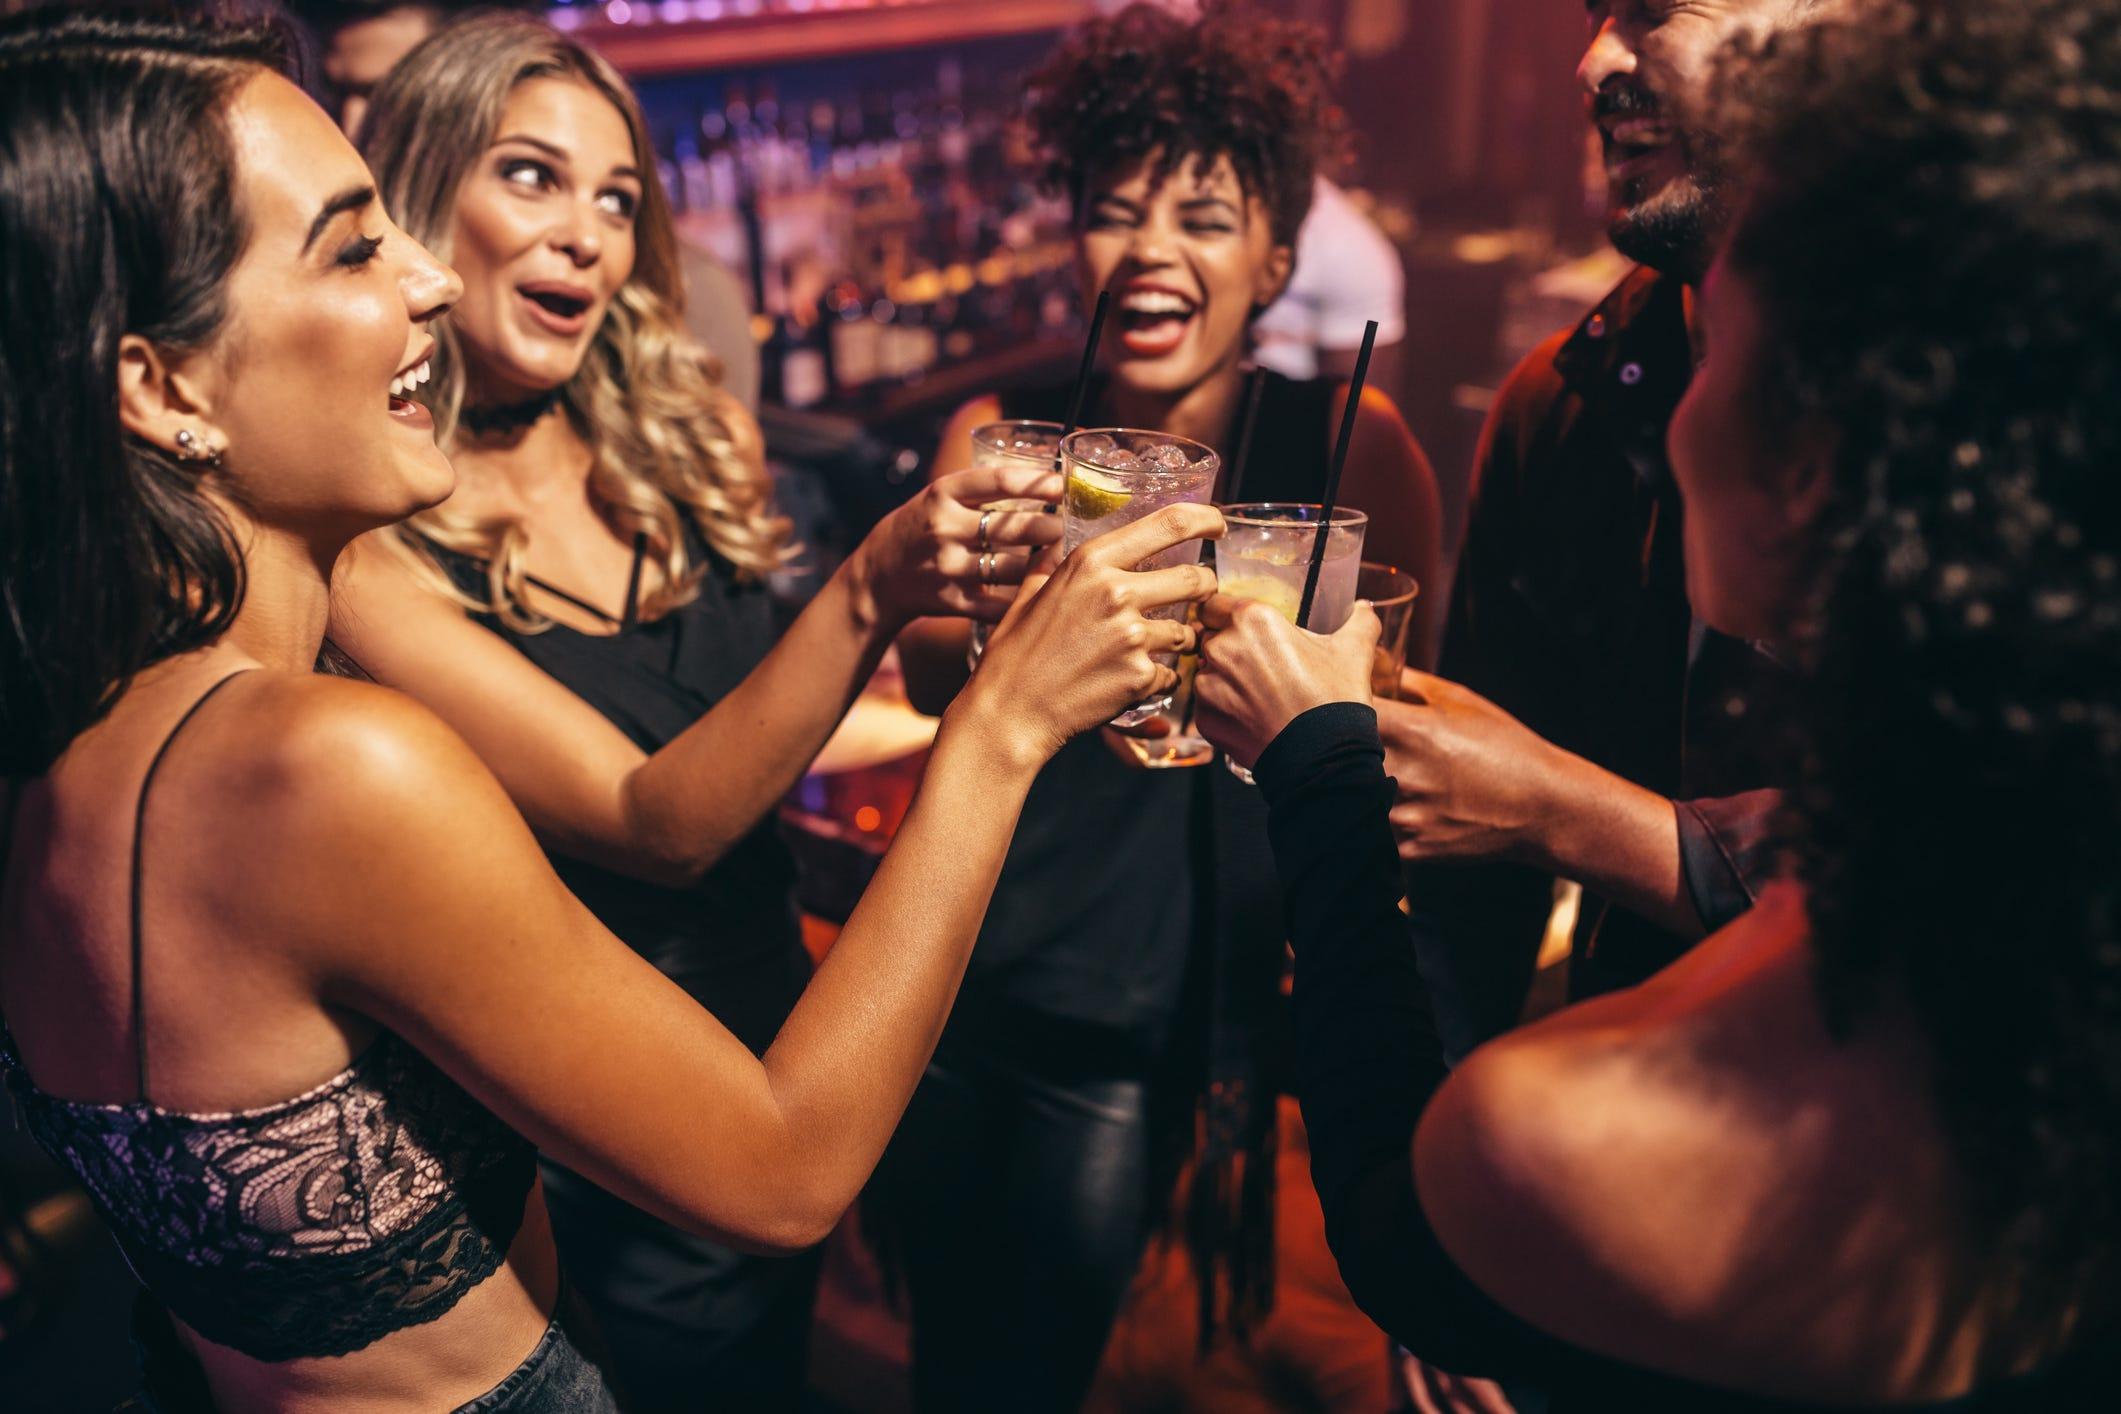 women-drinking-alcohol-getty_8k1EbLk.jpg